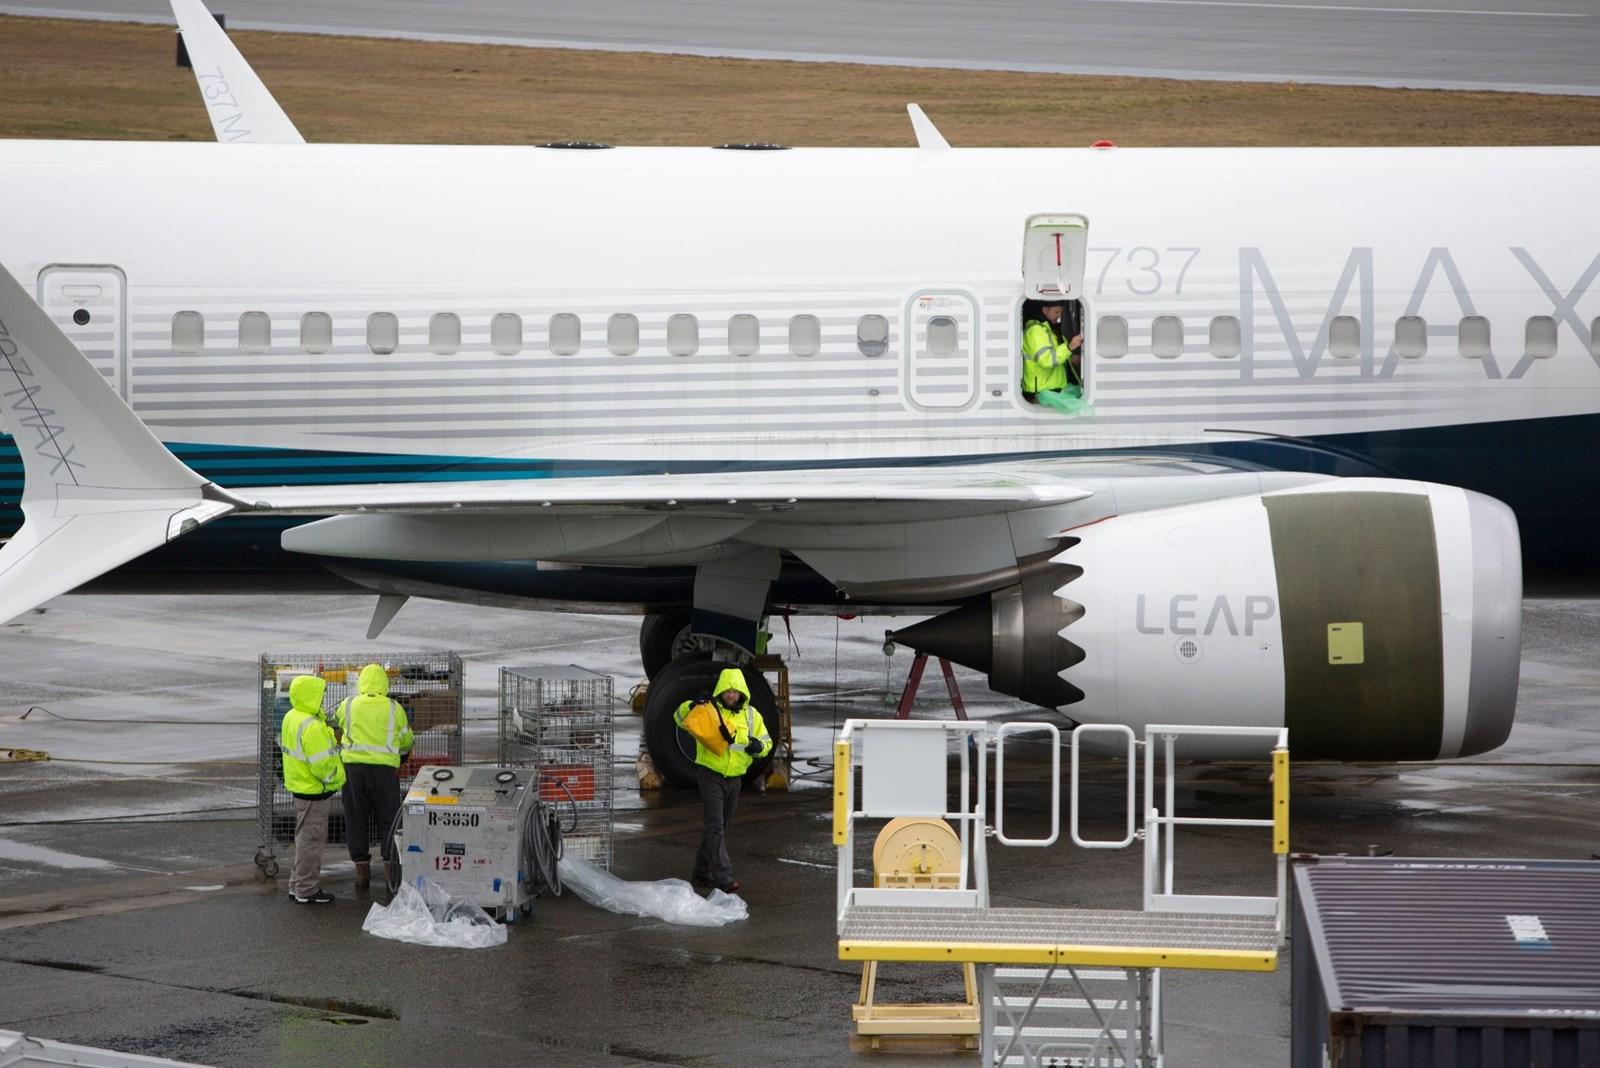 Boeing räumte Fehler in Flugsimulationssoftware für 737 MAX ein